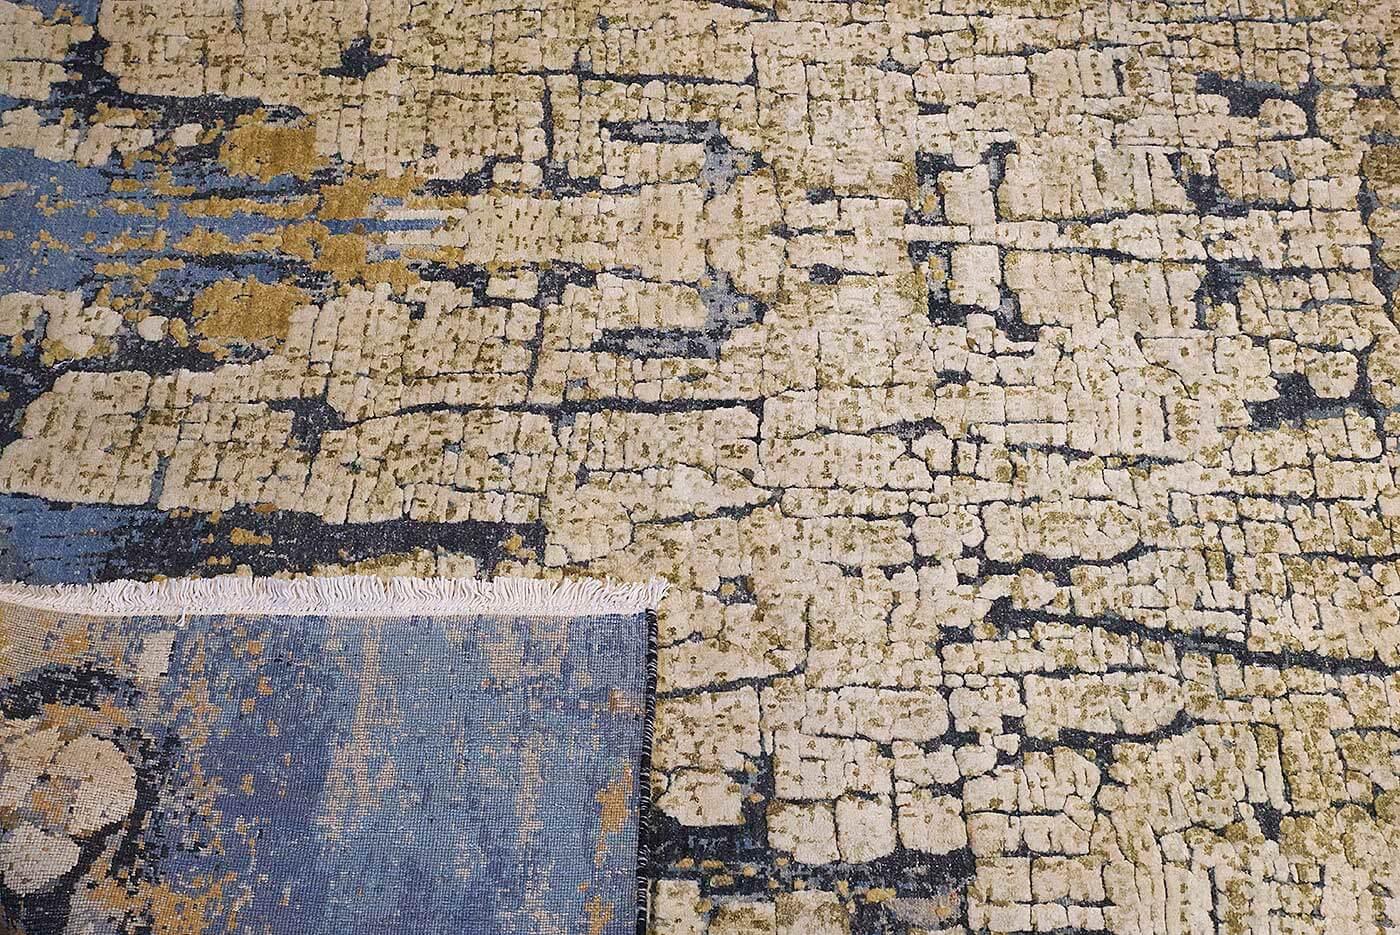 chelsea_design_oxidised_tapijt_moderne_tapijten_koreman_maastricht_305x244_blauw_creme_beige_hoek2